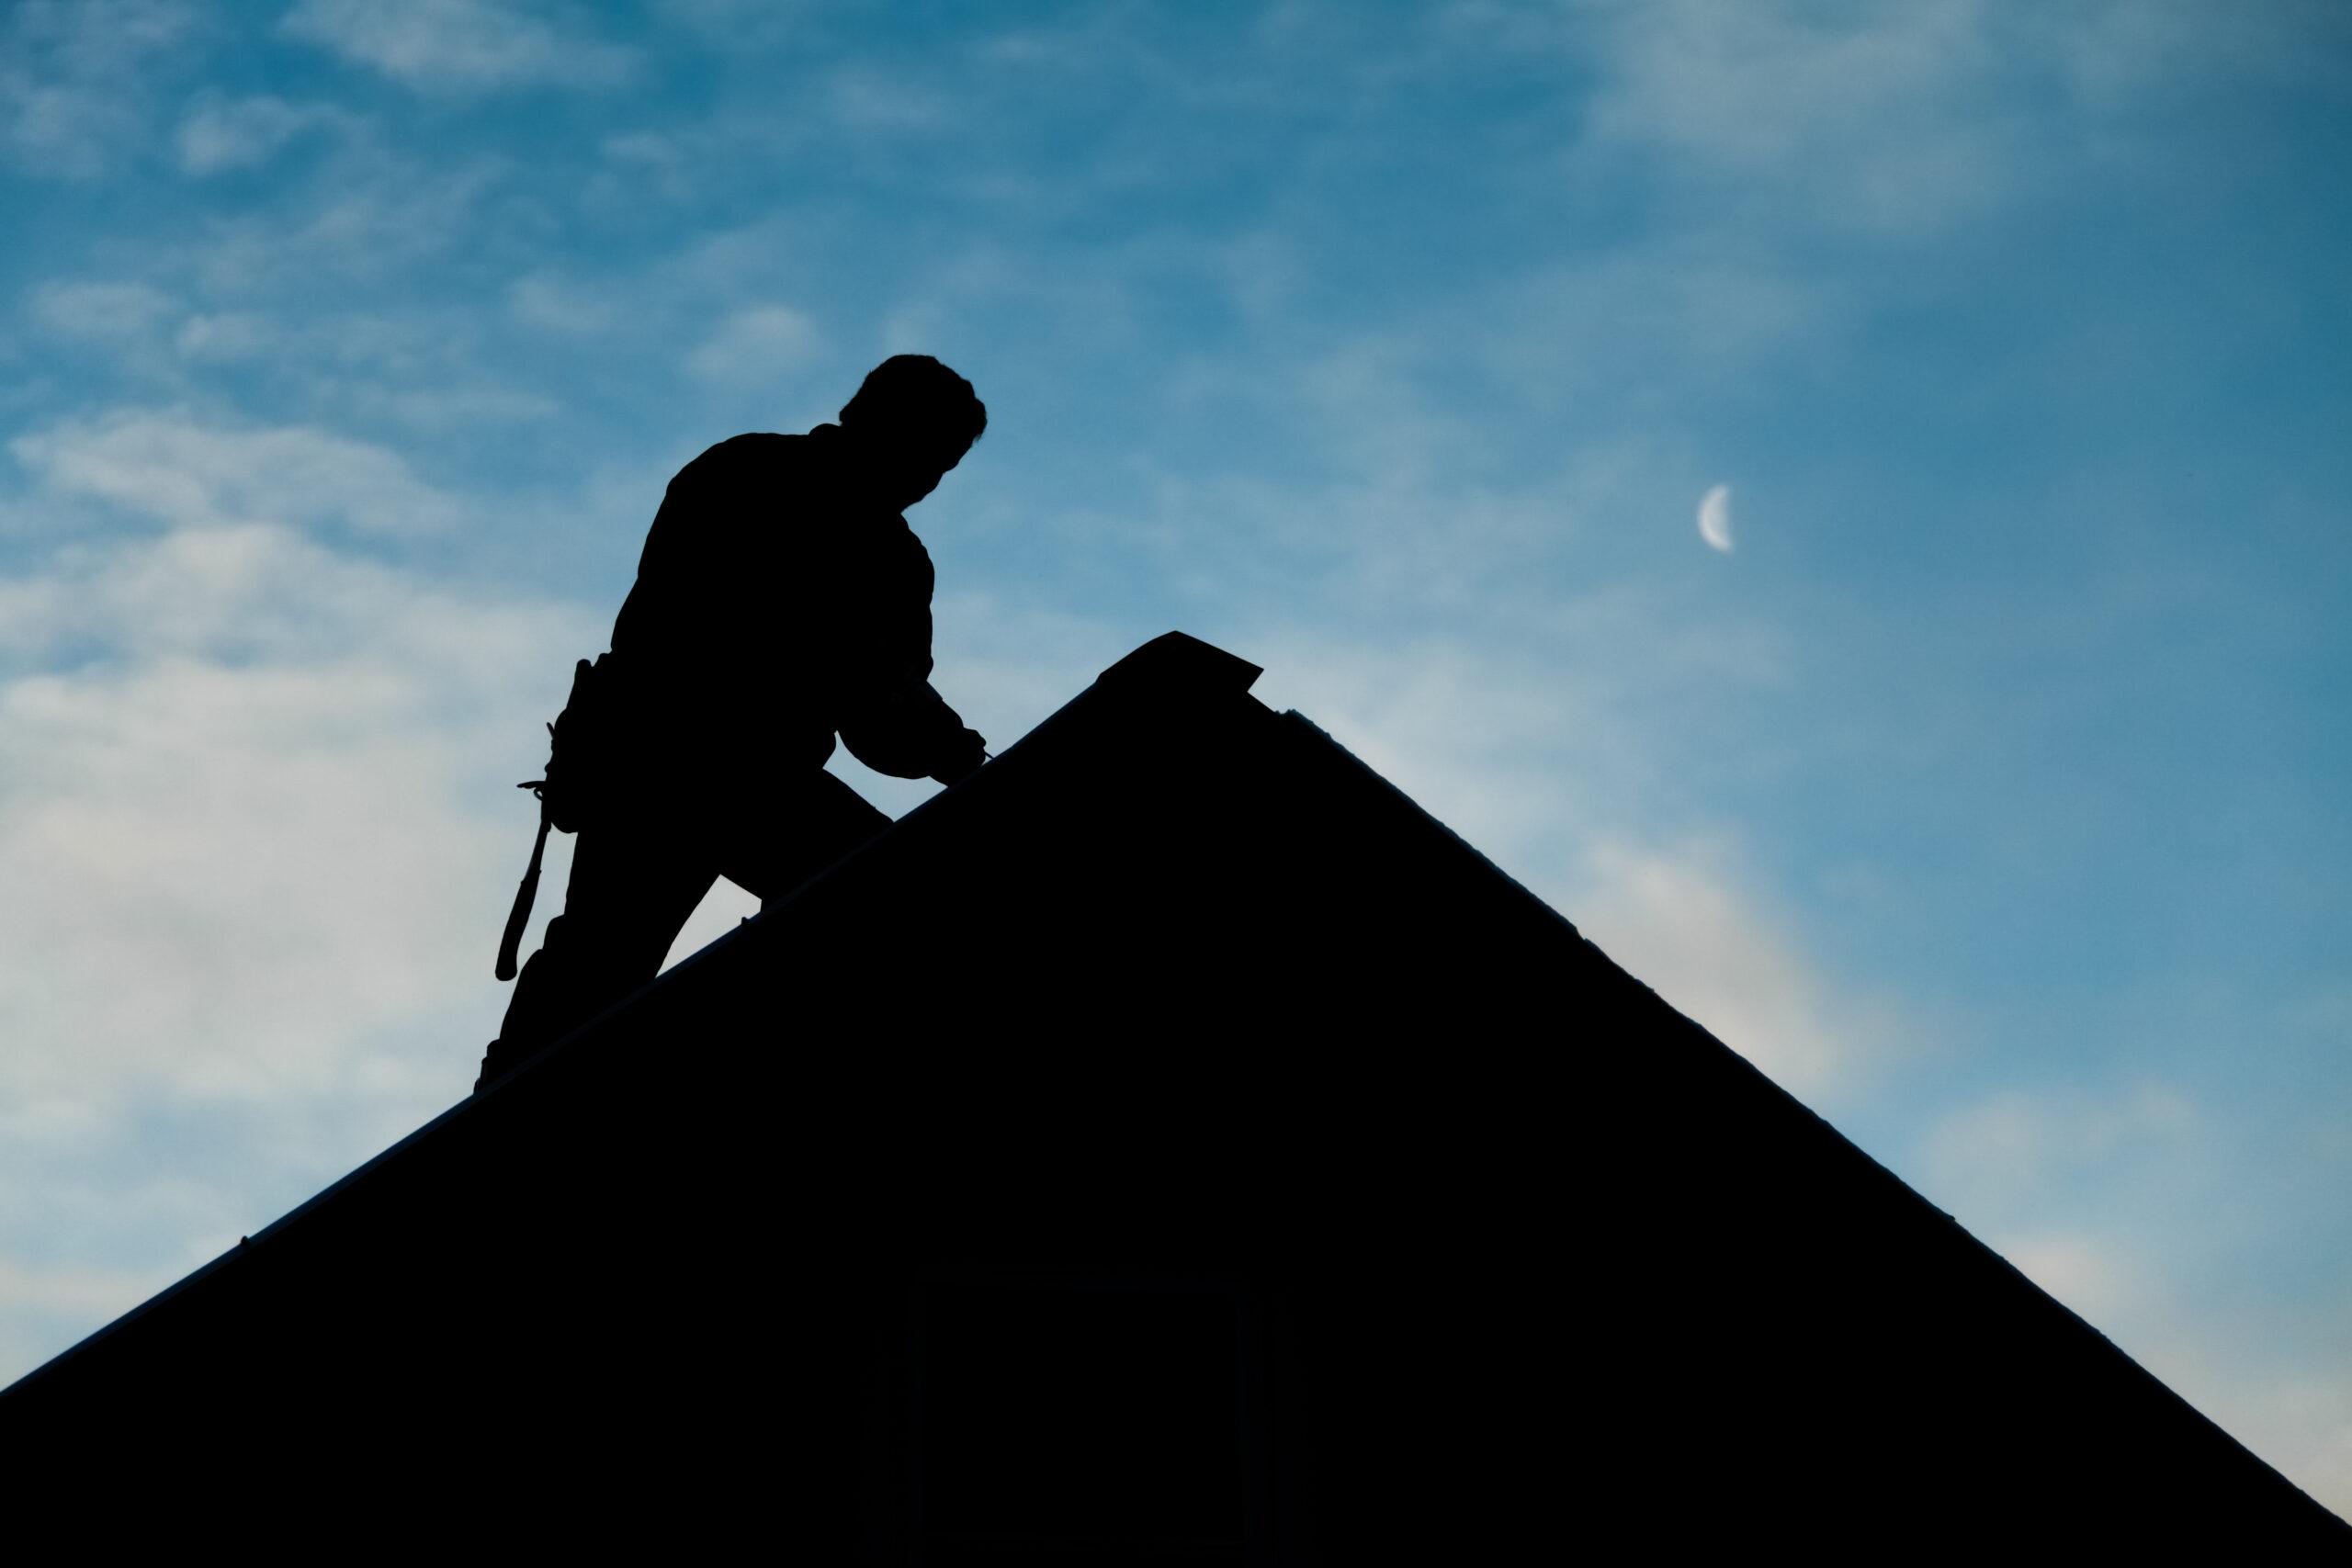 Arbejdsgiver havde ikke tilrettelagt arbejde på et tag sikkerhedsmæssigt fuldt forsvarlig